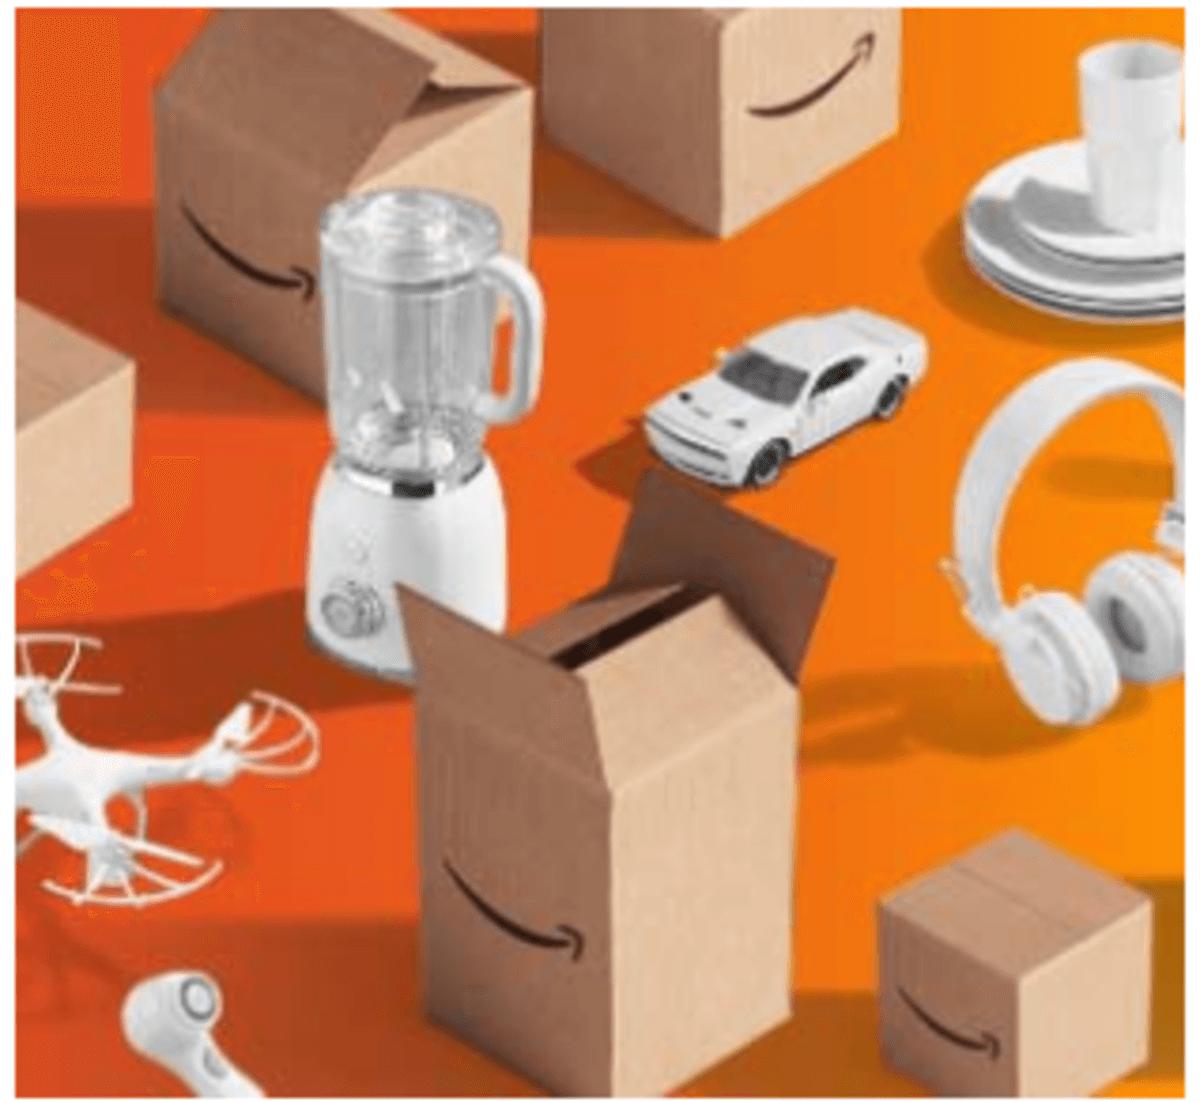 2021年5月のAmazonタイムセール祭り【セールおすすめ商品とキャンペーンまとめ】